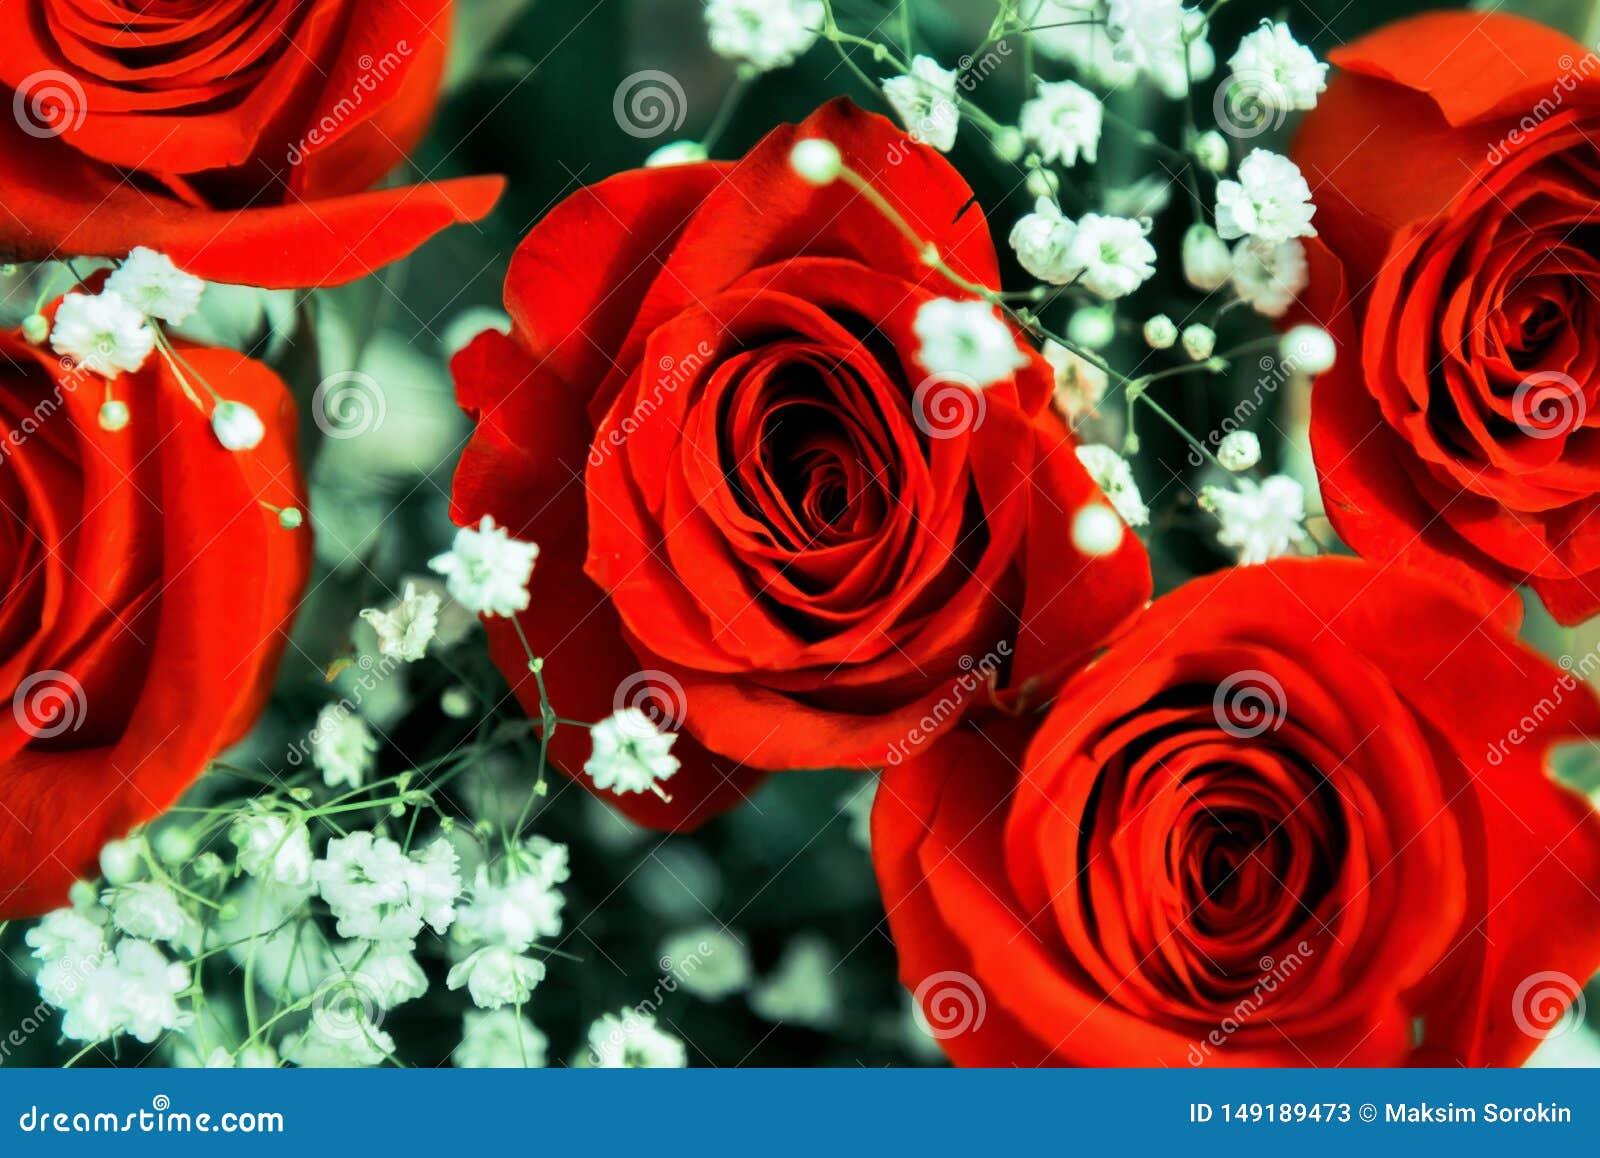 Όμορφη εορταστική ανθοδέσμη των φωτεινών κόκκινων τριαντάφυλλων